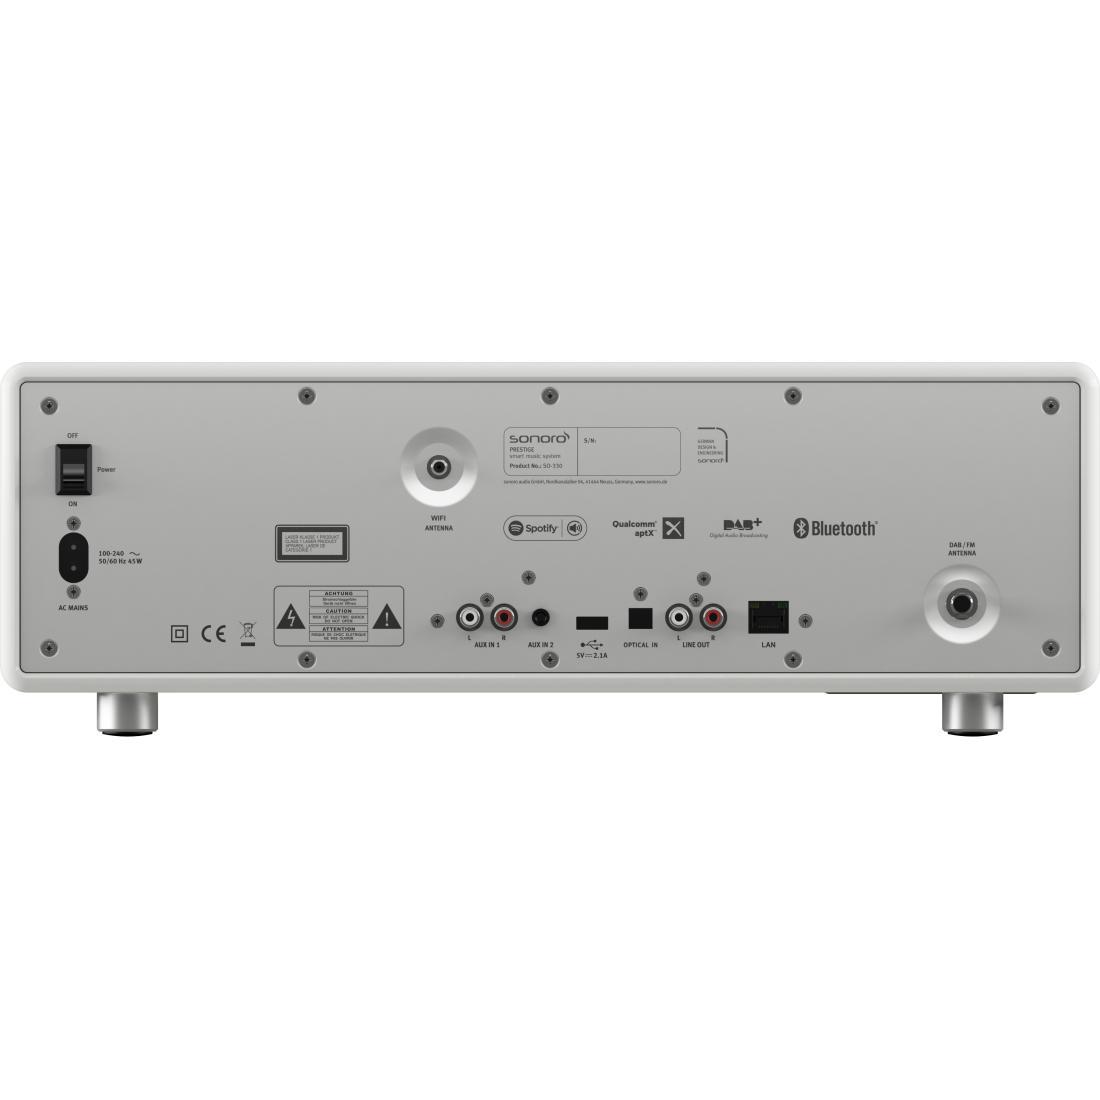 sonoro PRESTIGE Internetradio / CD-Player, weiß, Rückansicht mit Anschlüssen